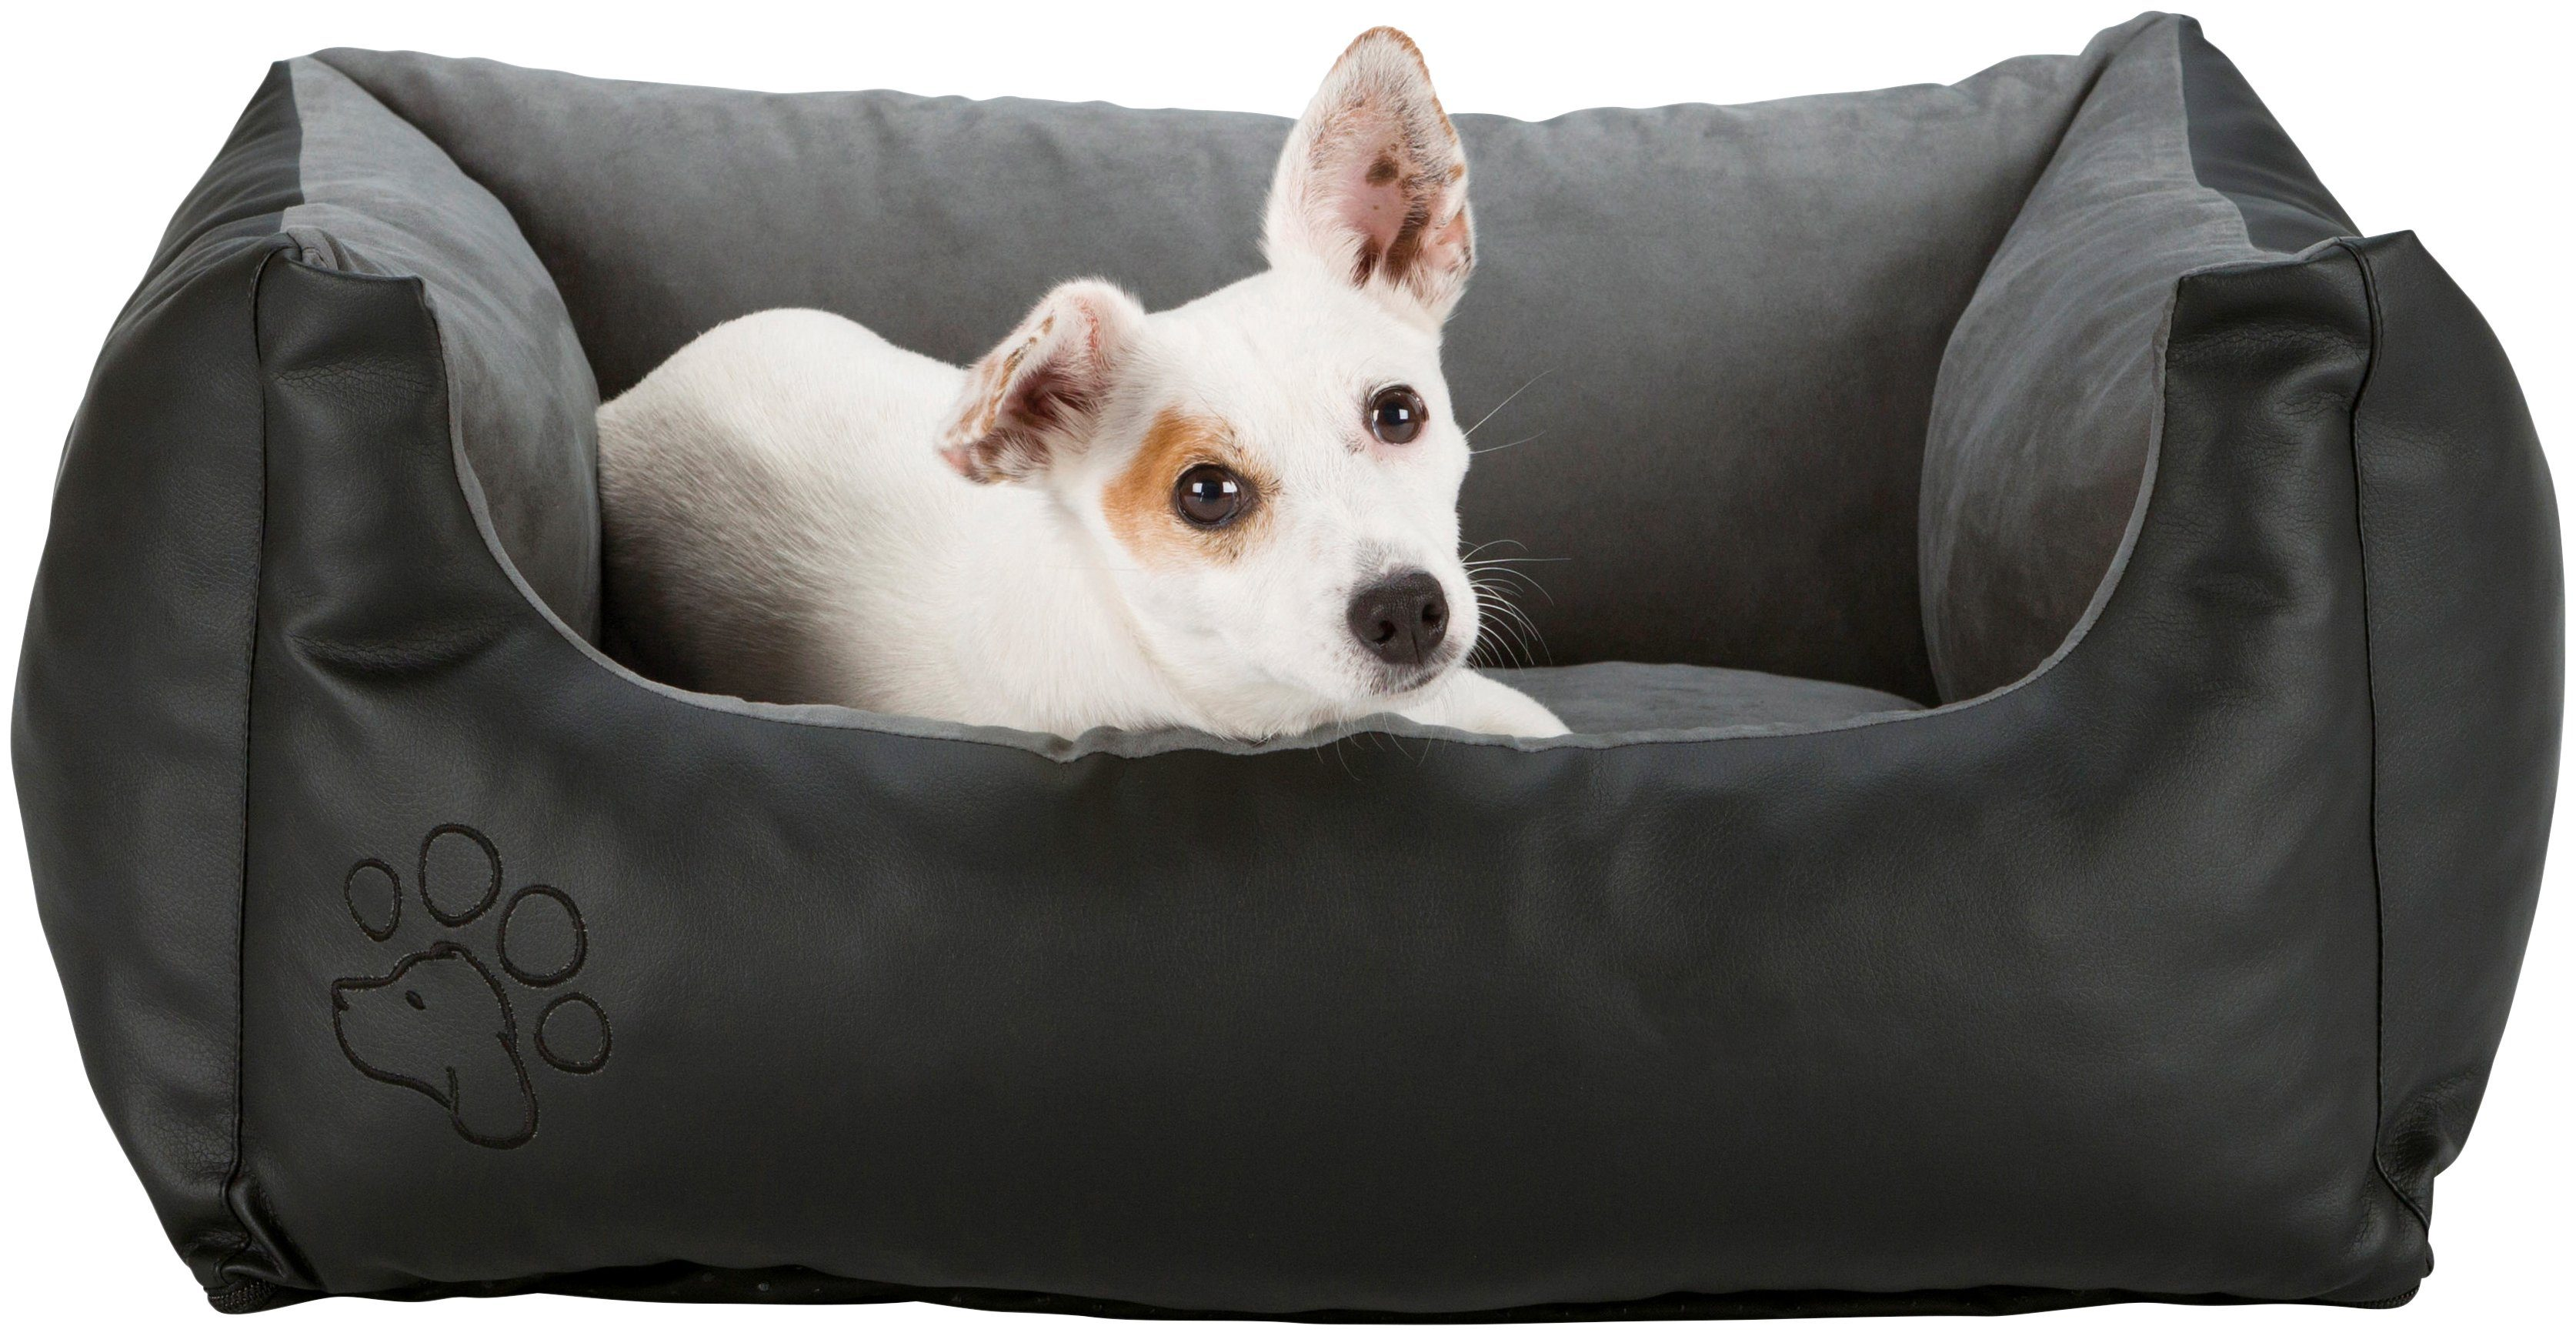 TRIXIE Hundebett »Bino«, BxL: 80x60 cm, schwarz/grau